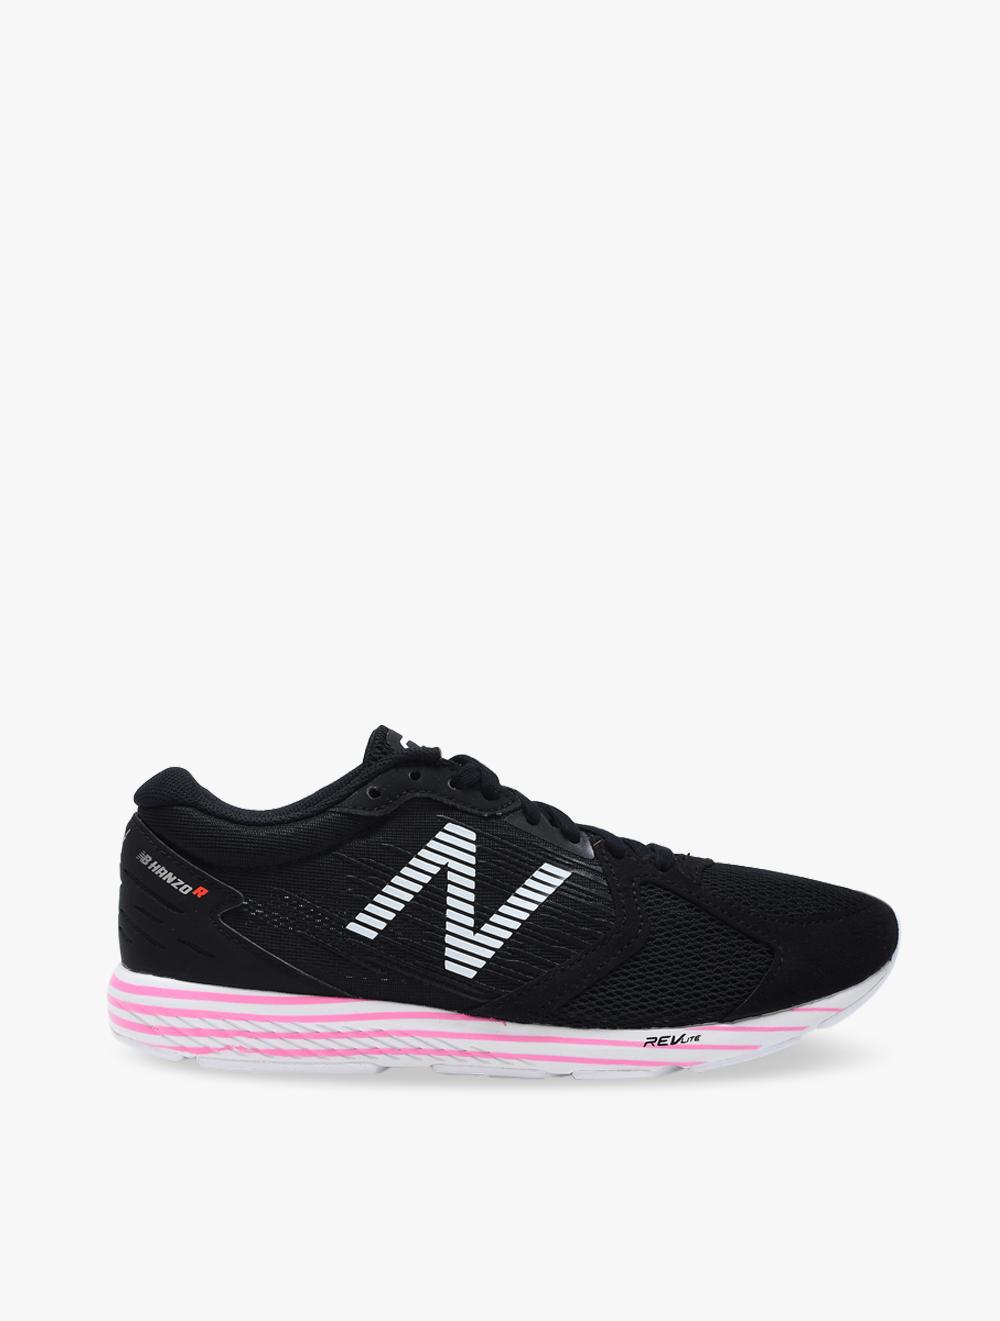 New Balance Hanzo R V2 Women's Running